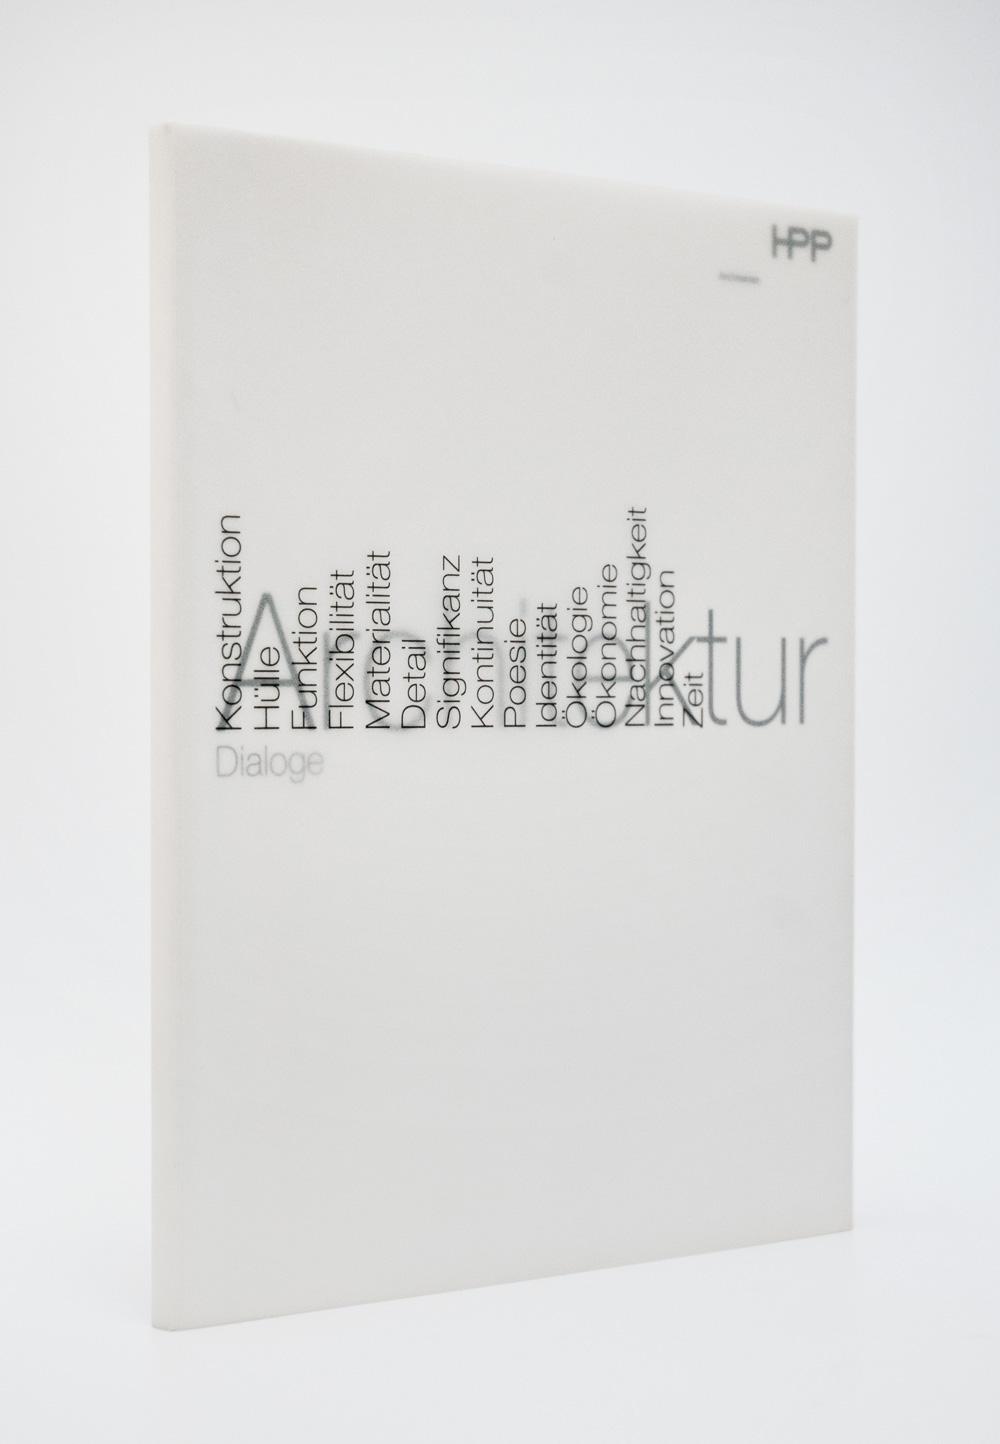 HPP-Buch-Start.jpg